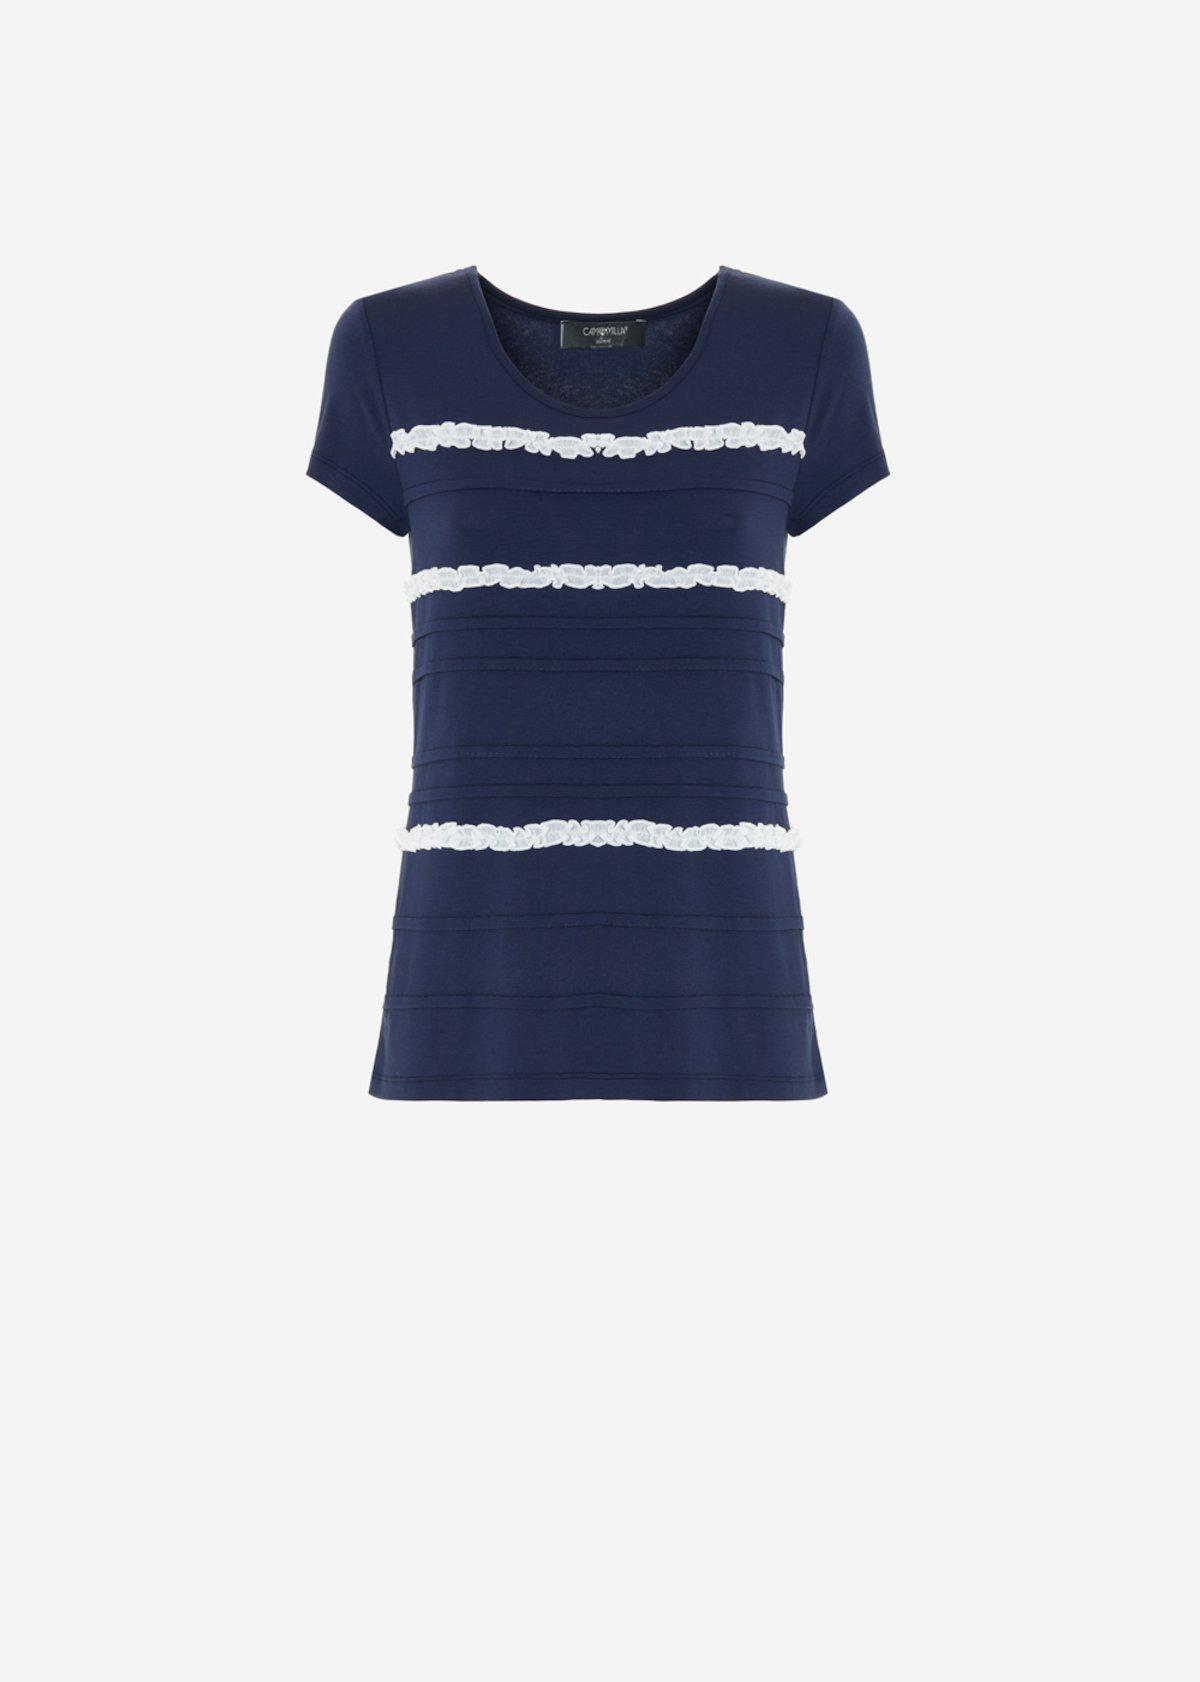 Shery ruffled t-shirt - Medium Blue / White